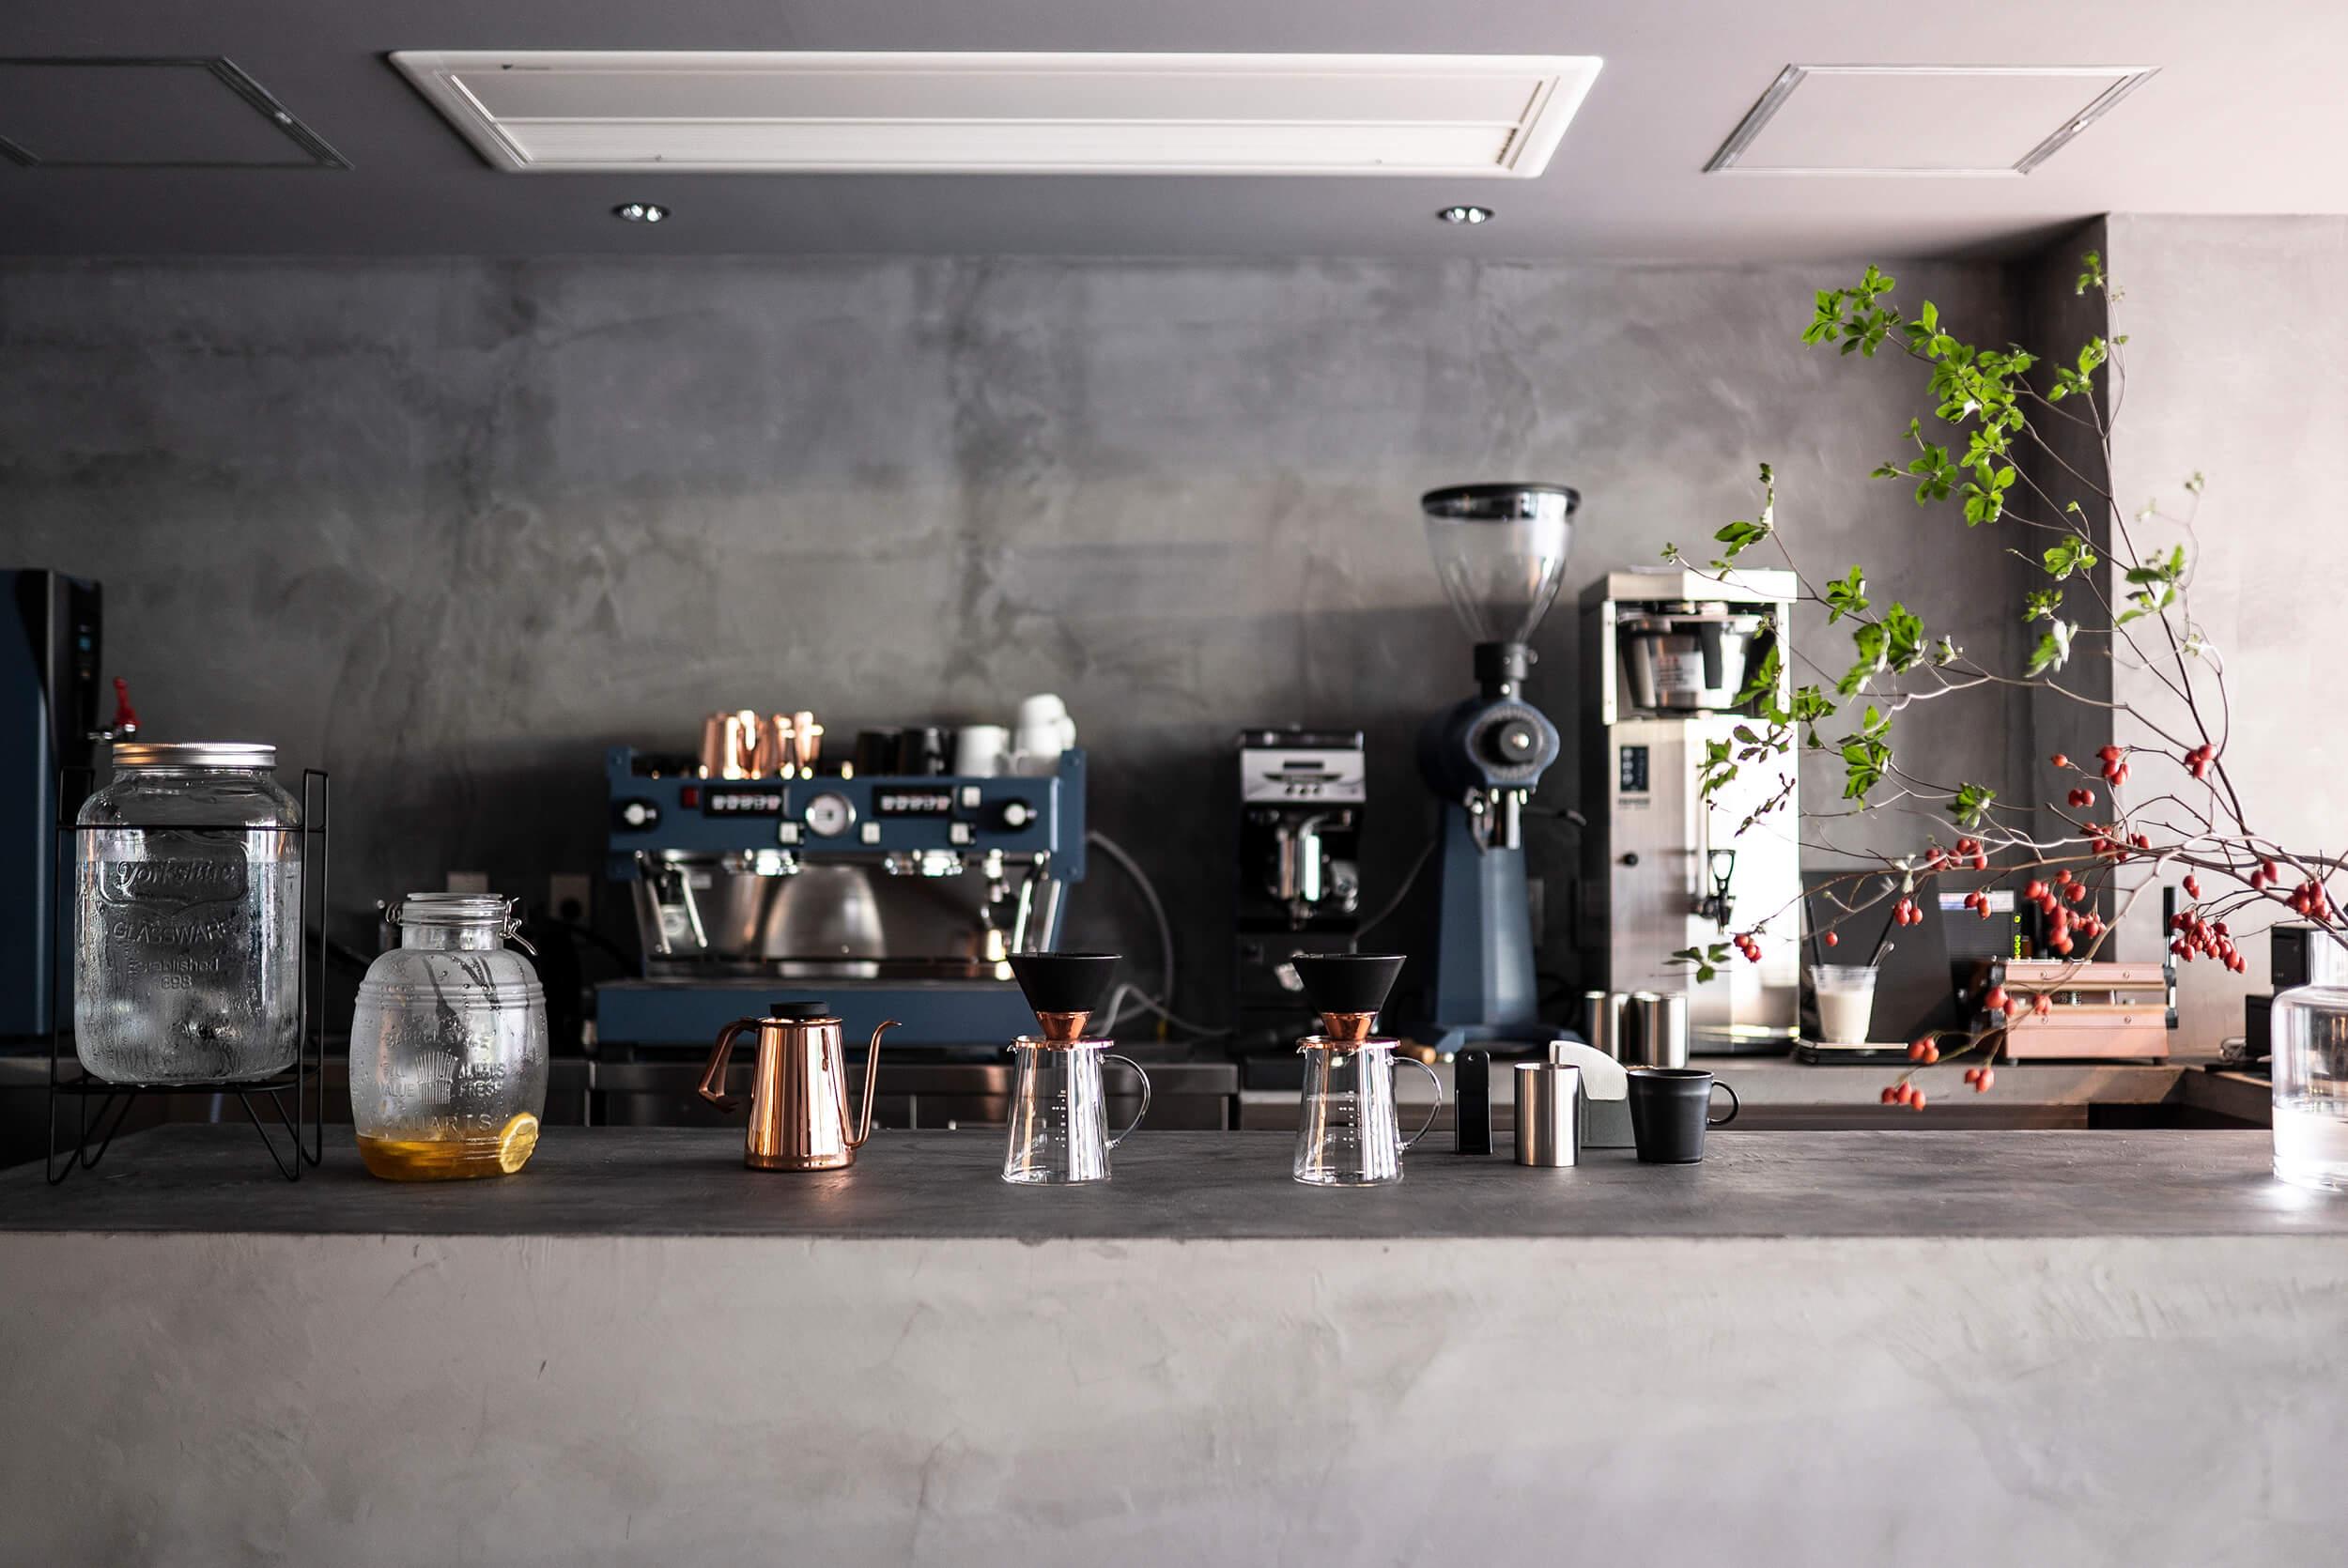 Beasty Coffee [cafe laboratory](ビースティーコーヒー カフェラボラトリー)の店内のカウンター